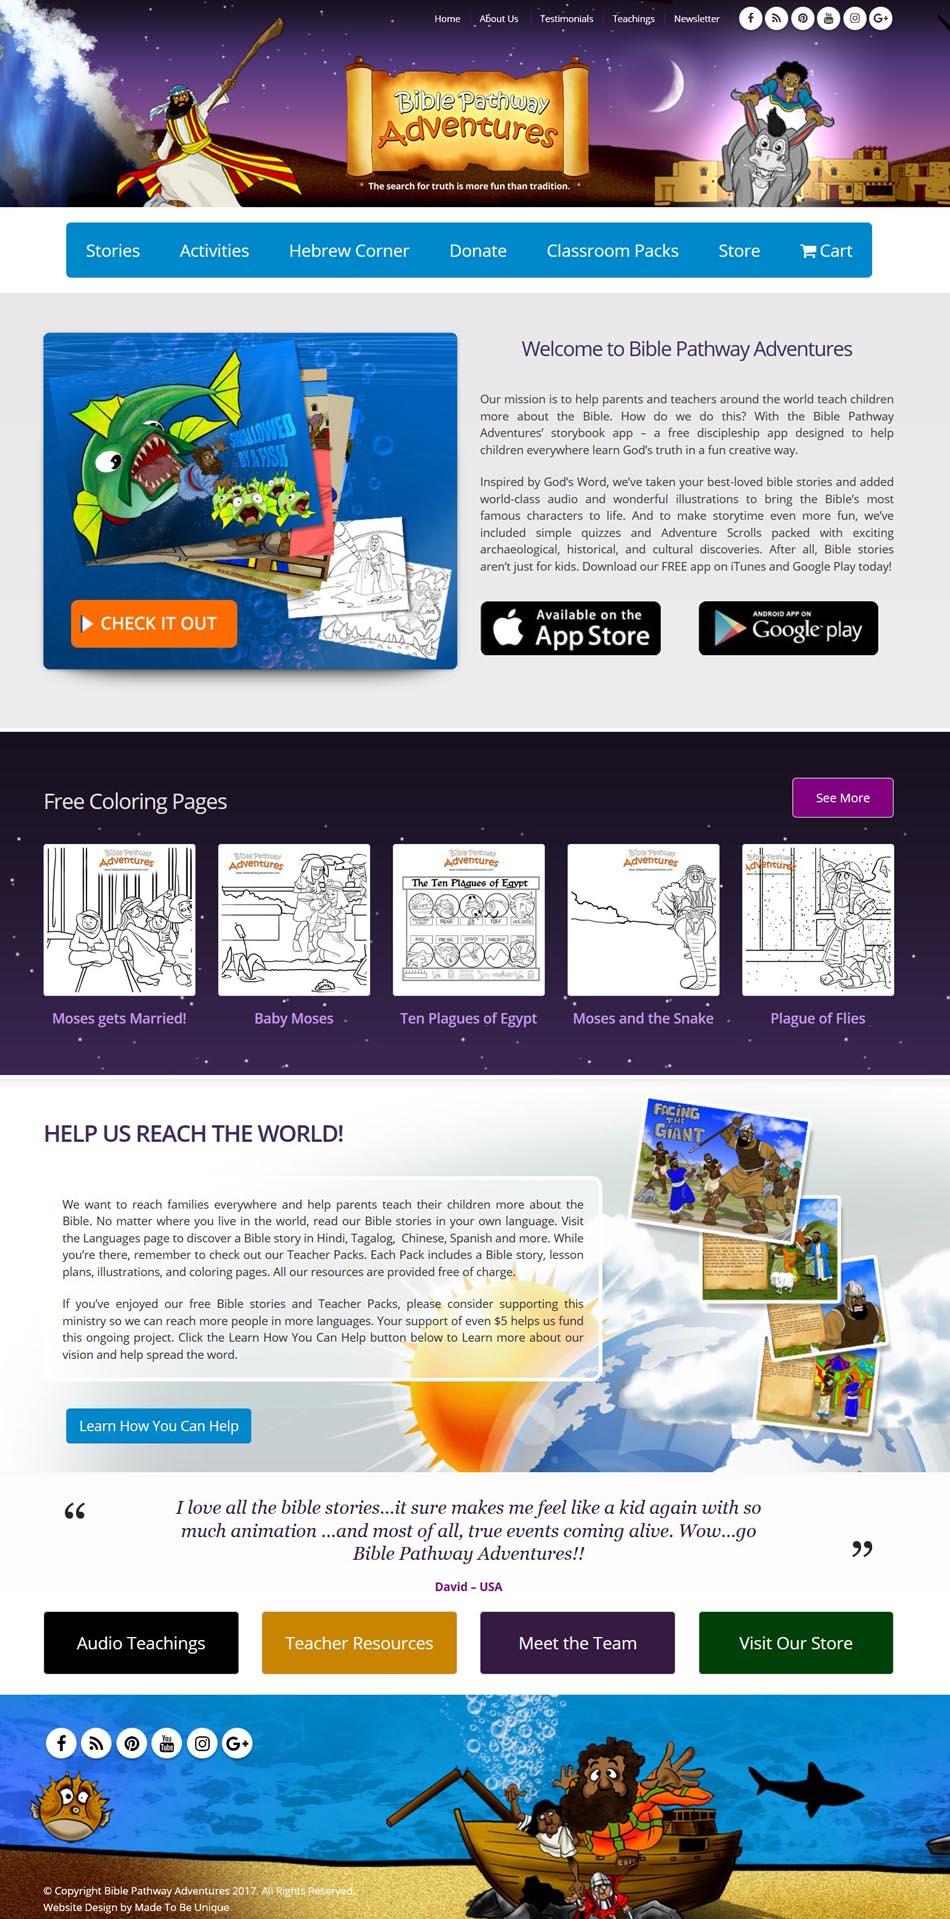 Website Design  |  Bible Pathway Adventures